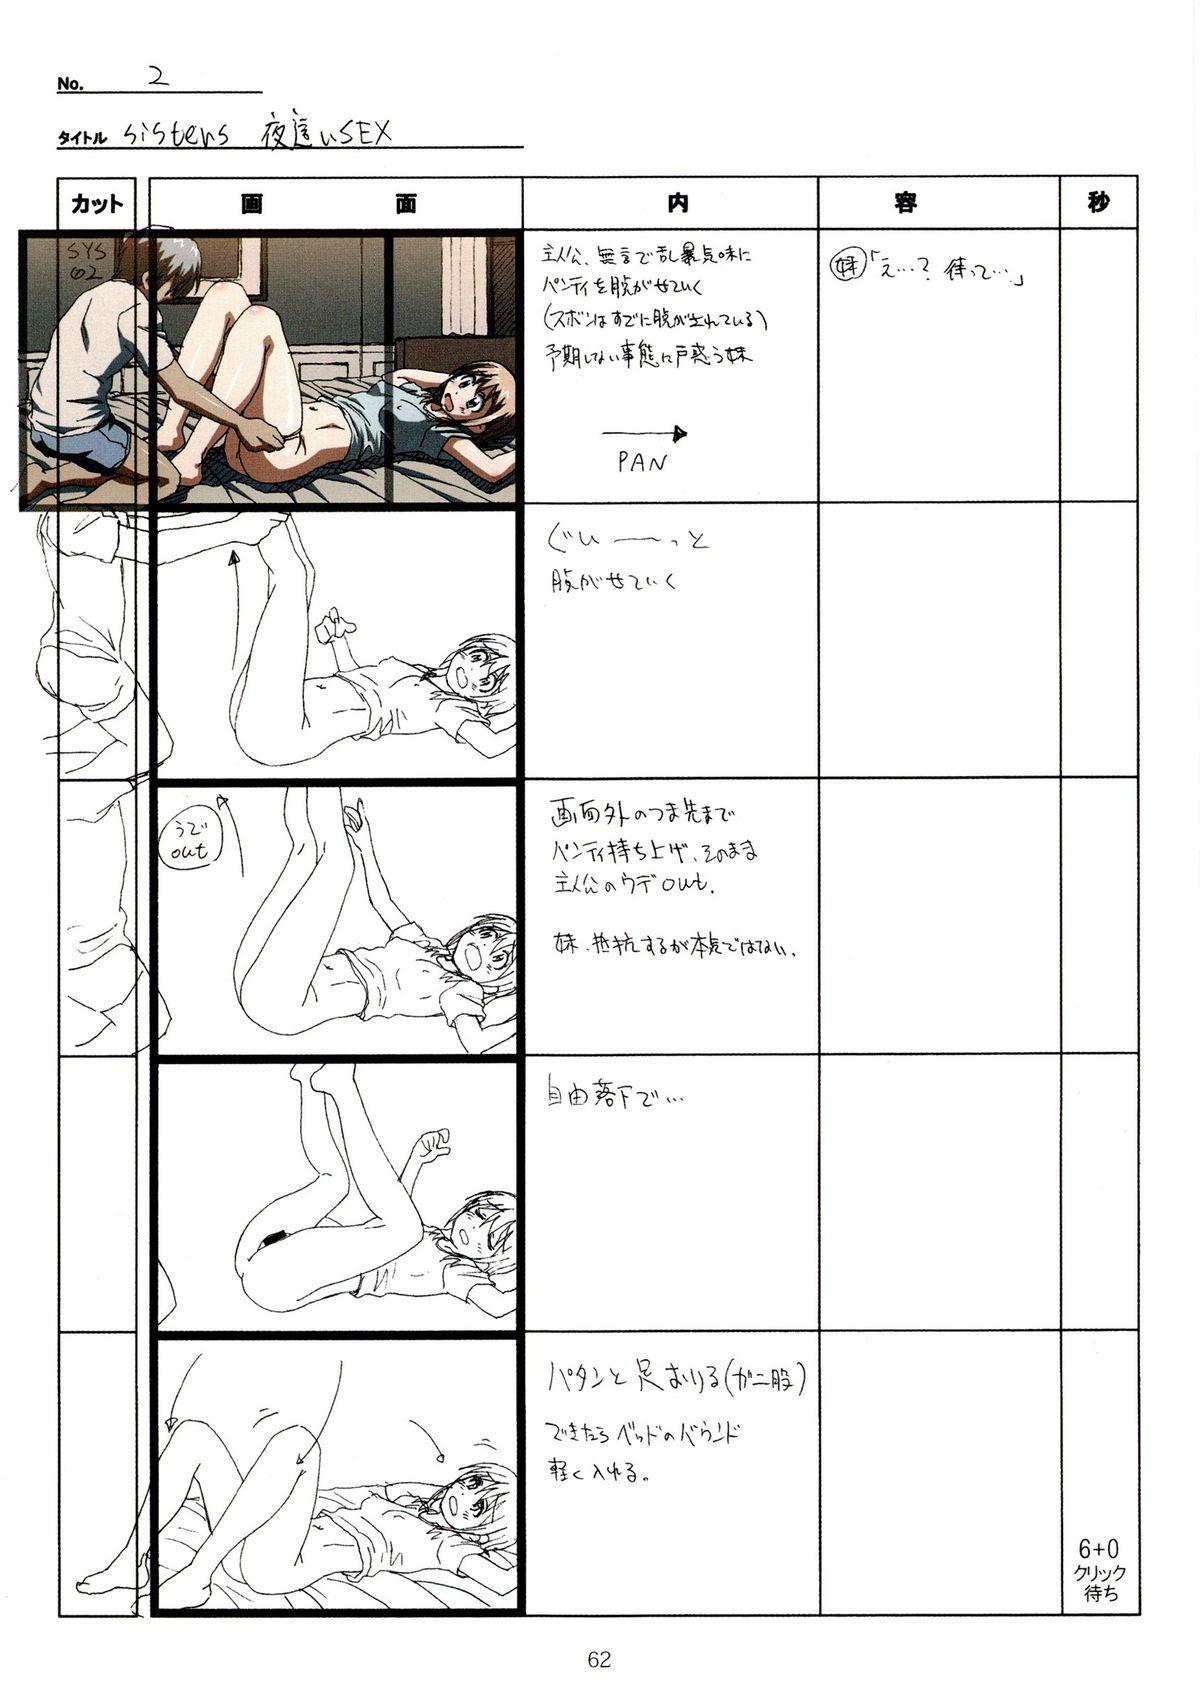 (C89) [Makino Jimusho (Taki Minashika)] SISTERS -Natsu no Saigo no Hi- H Scene All Part Storyboard (SISTERS -Natsu no Saigo no Hi-) 61